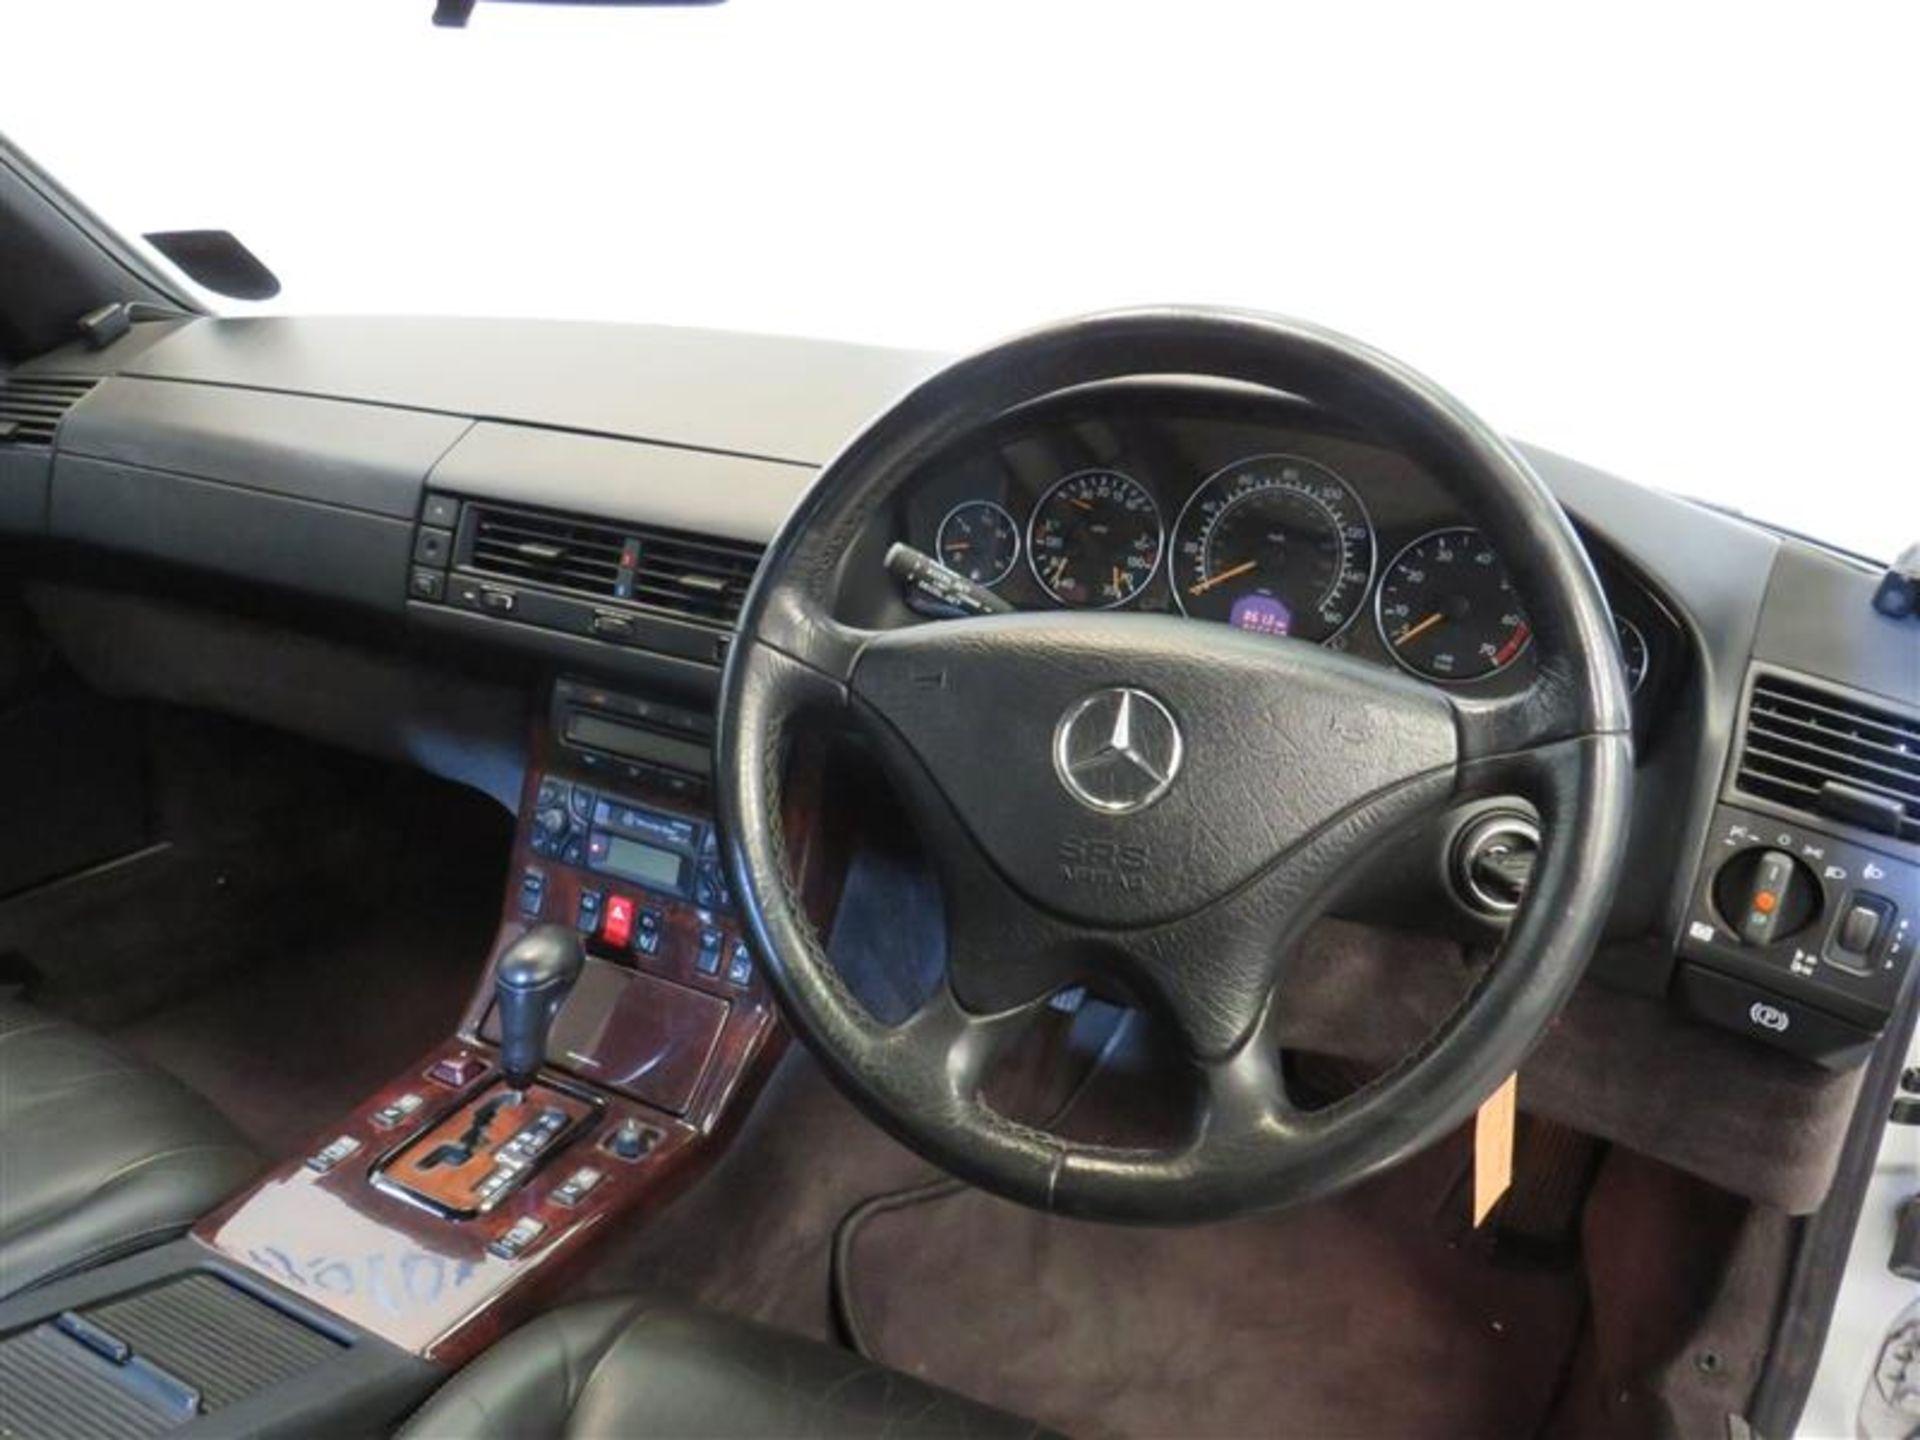 Lot 3 - 2000 Mercedes-Benz SL320 - 3199cc